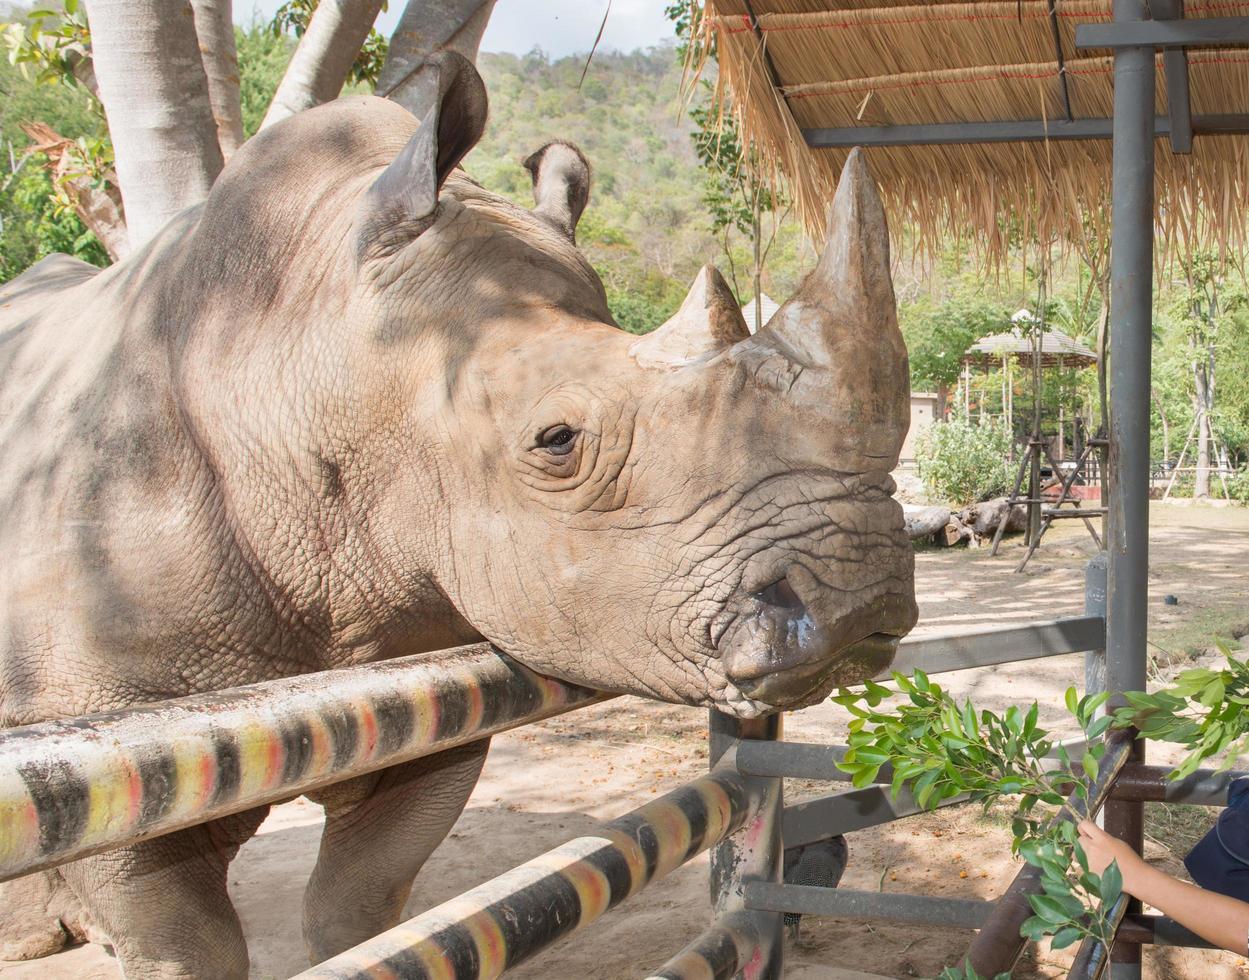 ett närbild på en hotad vit noshörning äter gräs foto